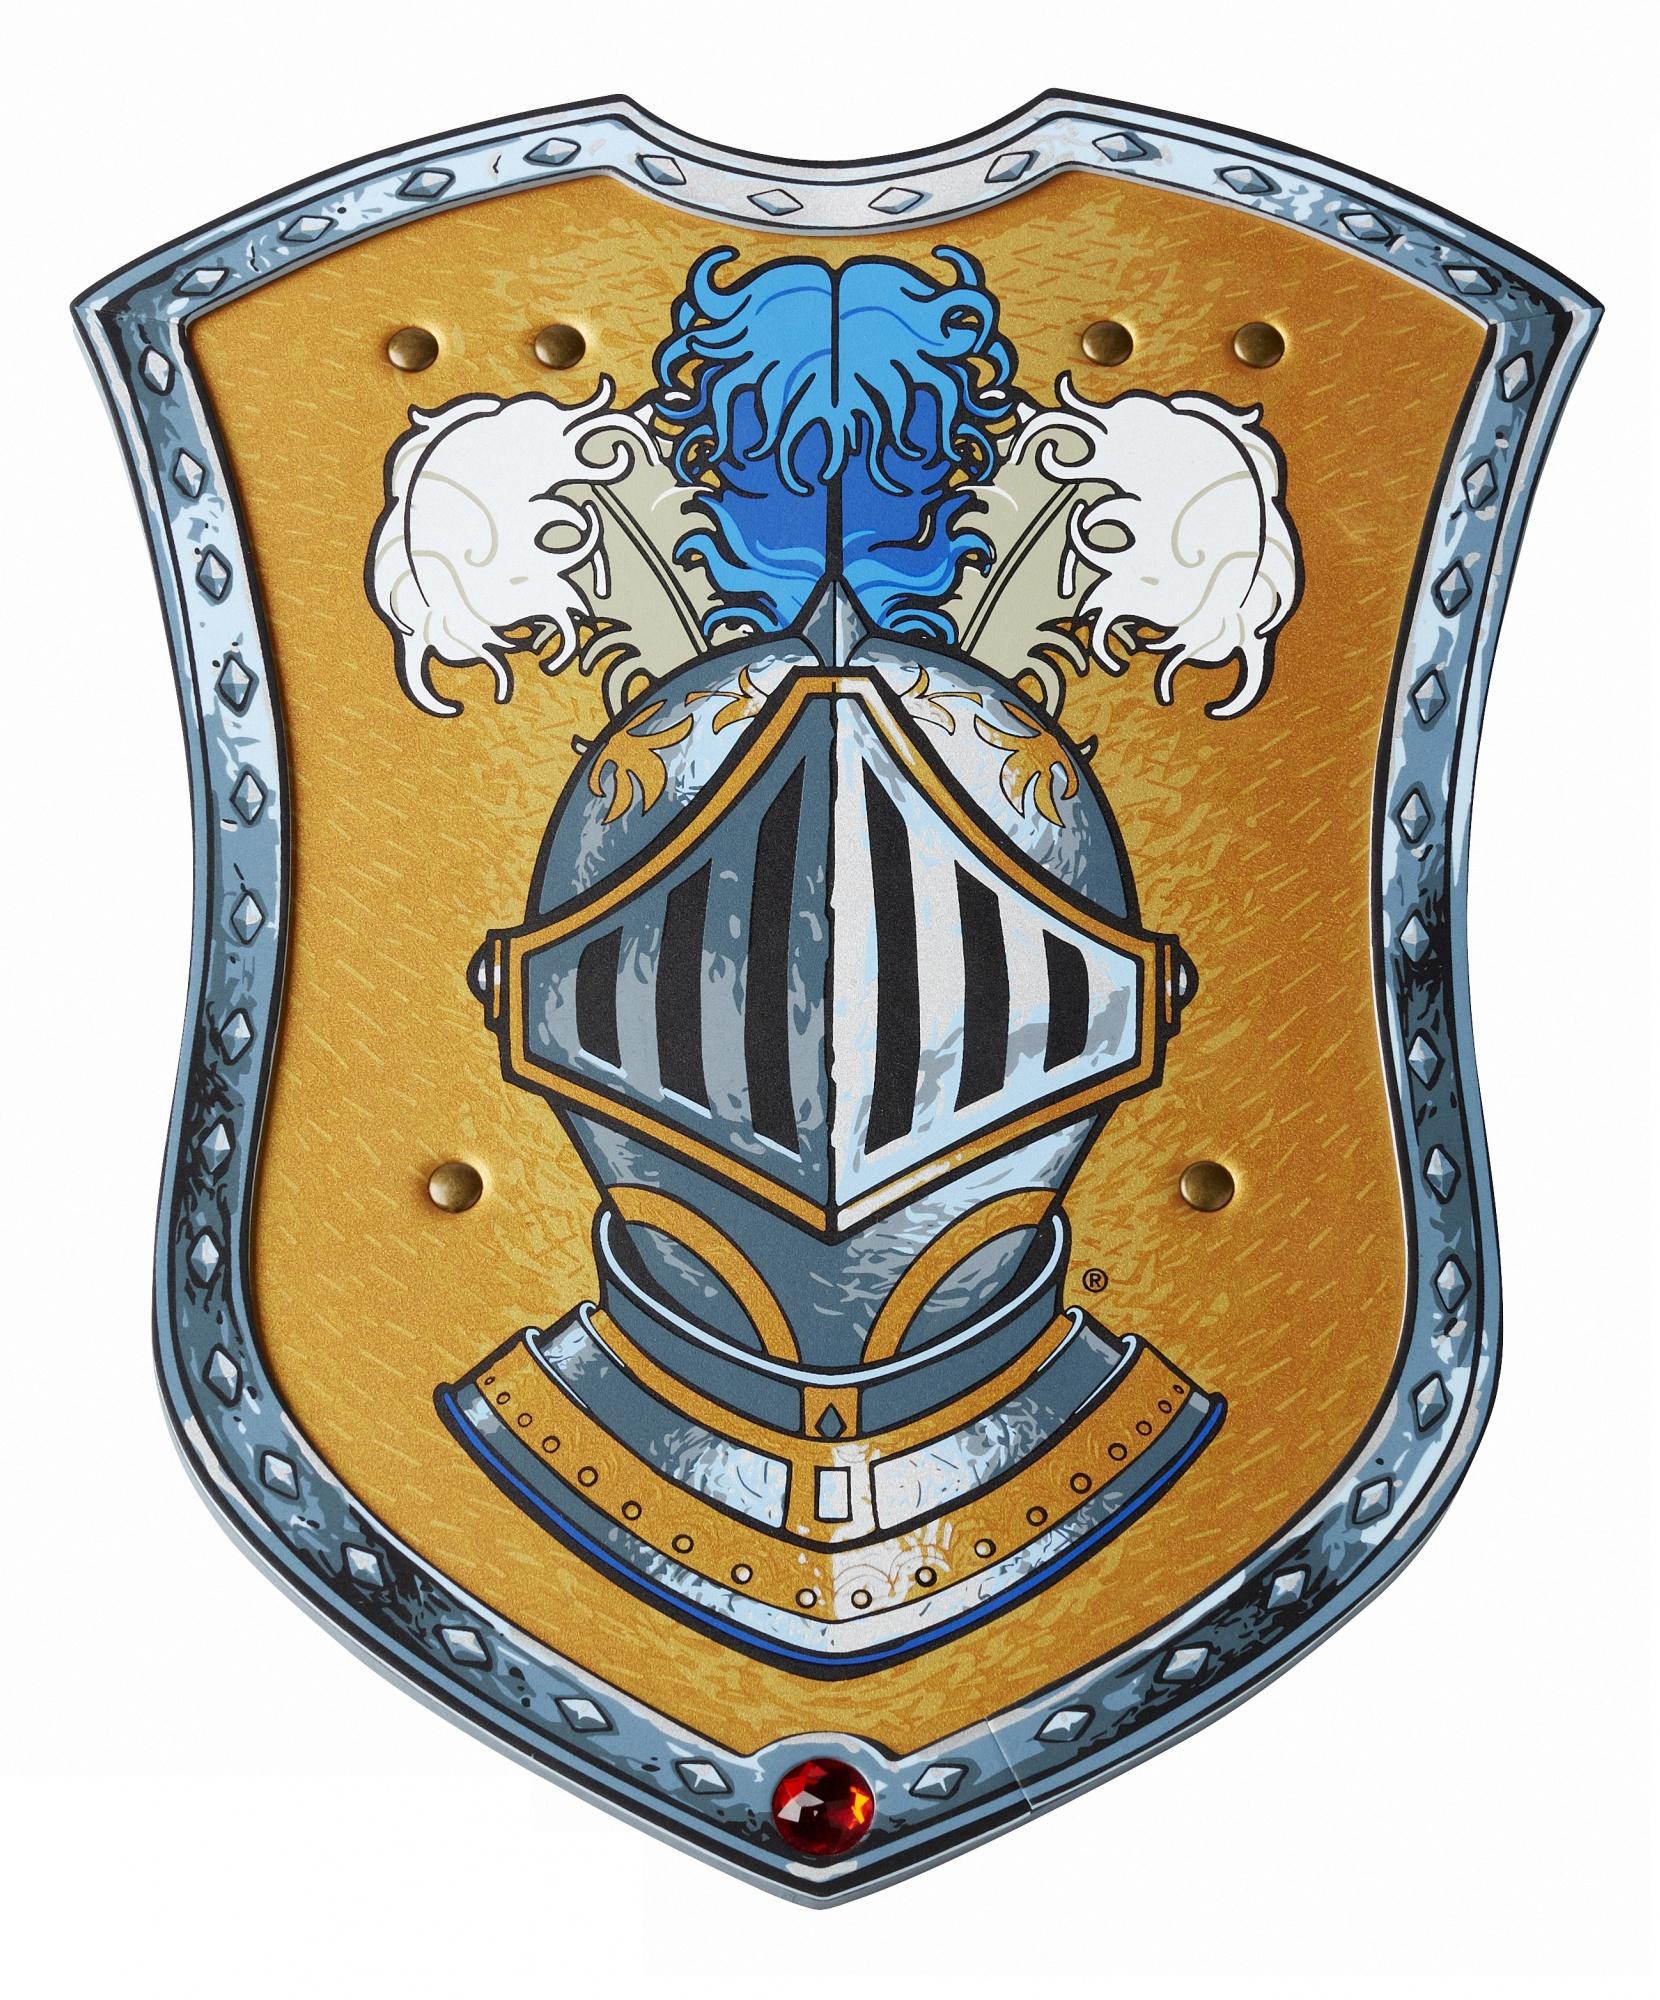 этот картинки герб на щите рыцаря боковые дымоходы могут